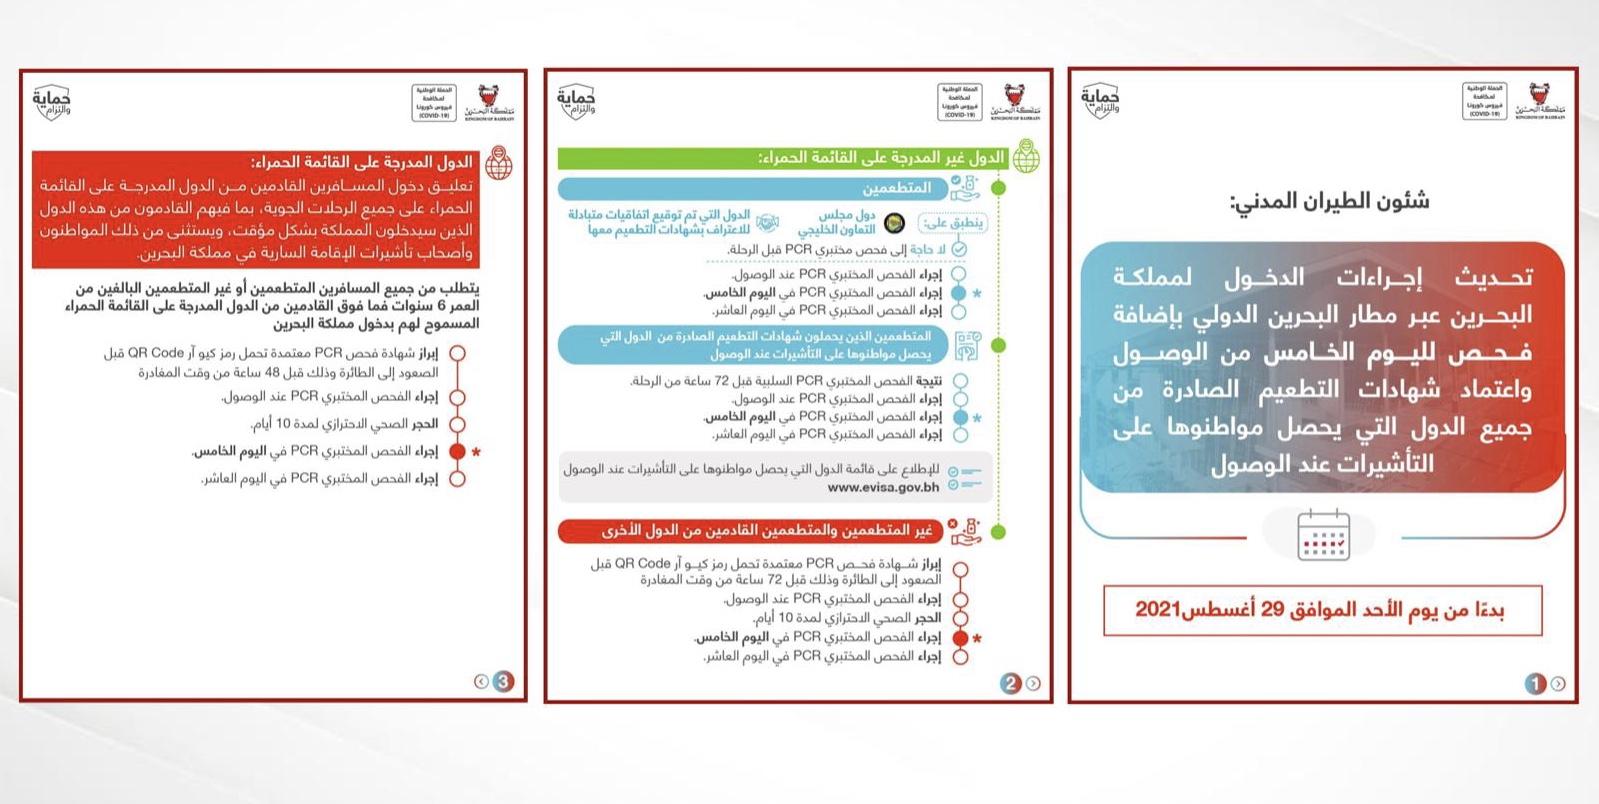 شئون الطيران المدني: تحديث إجراءات الدخول لمملكة البحرين عبر مطار البحرين الدولي